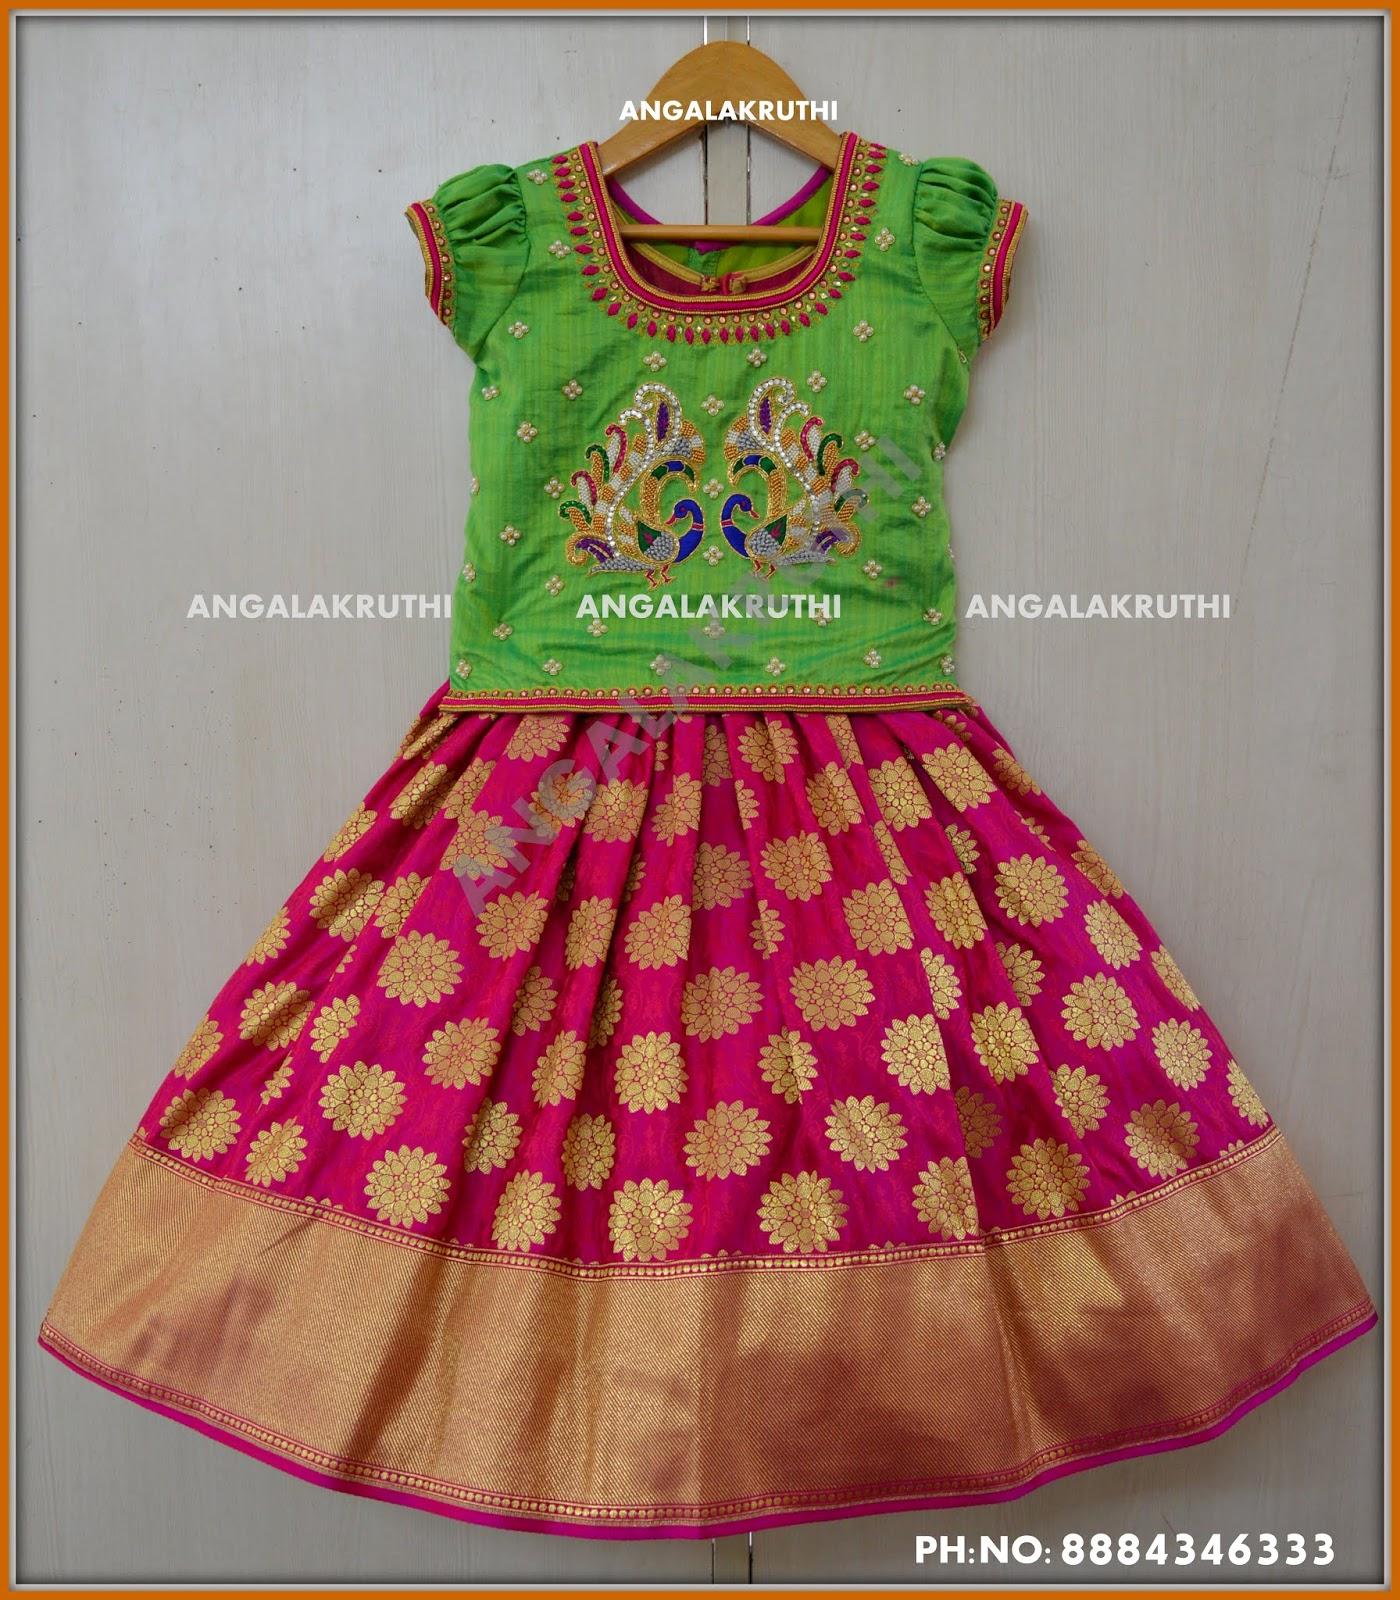 f8d7c1380 Kids custom designer dresses for 1st birthday -Designs by ...